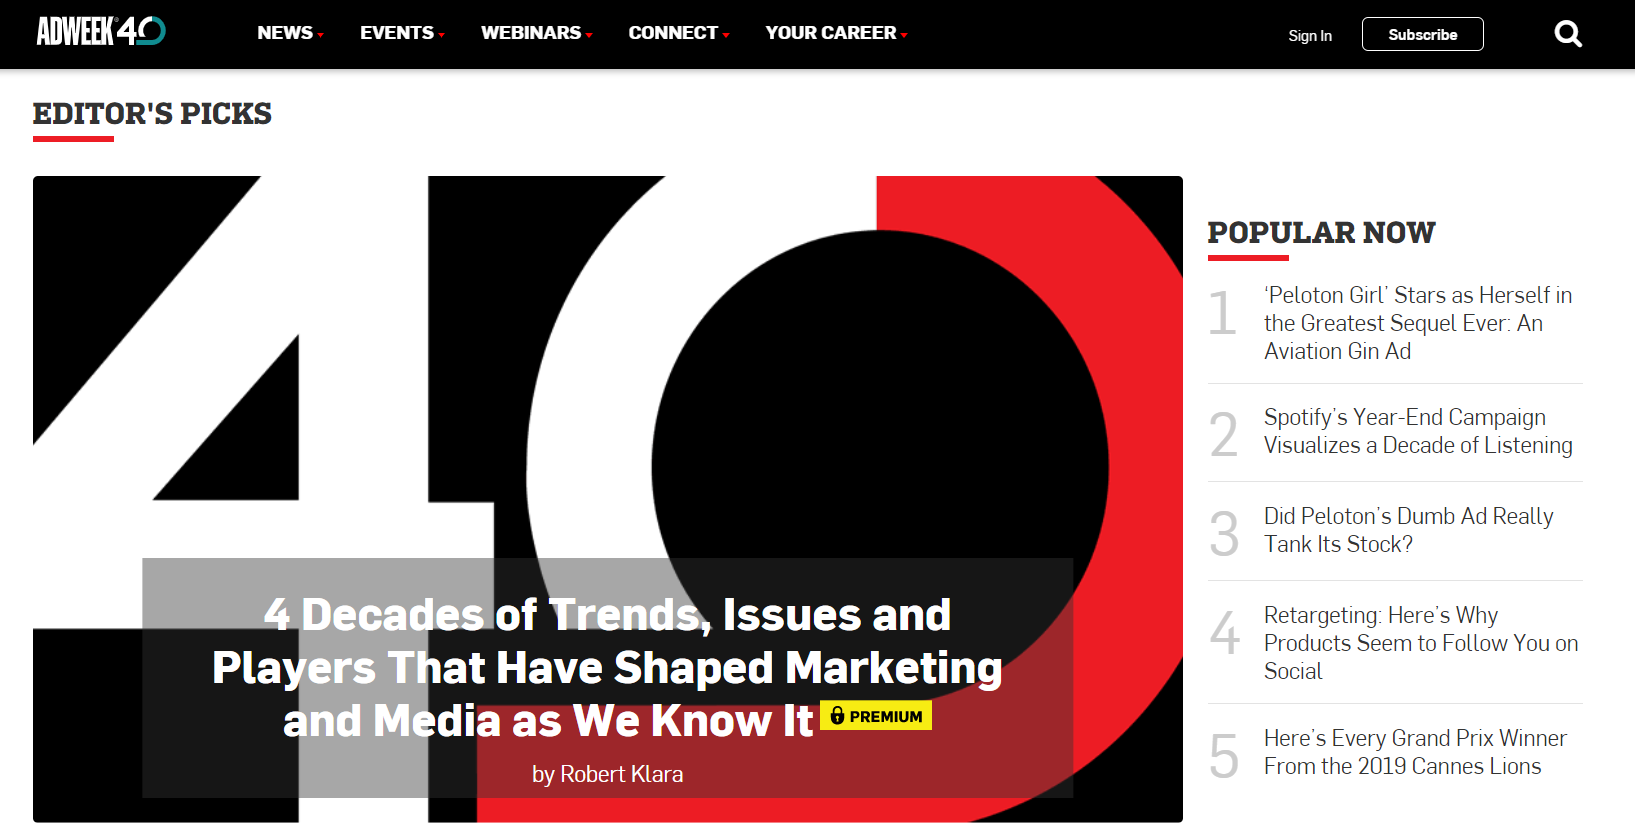 Adweek homepage